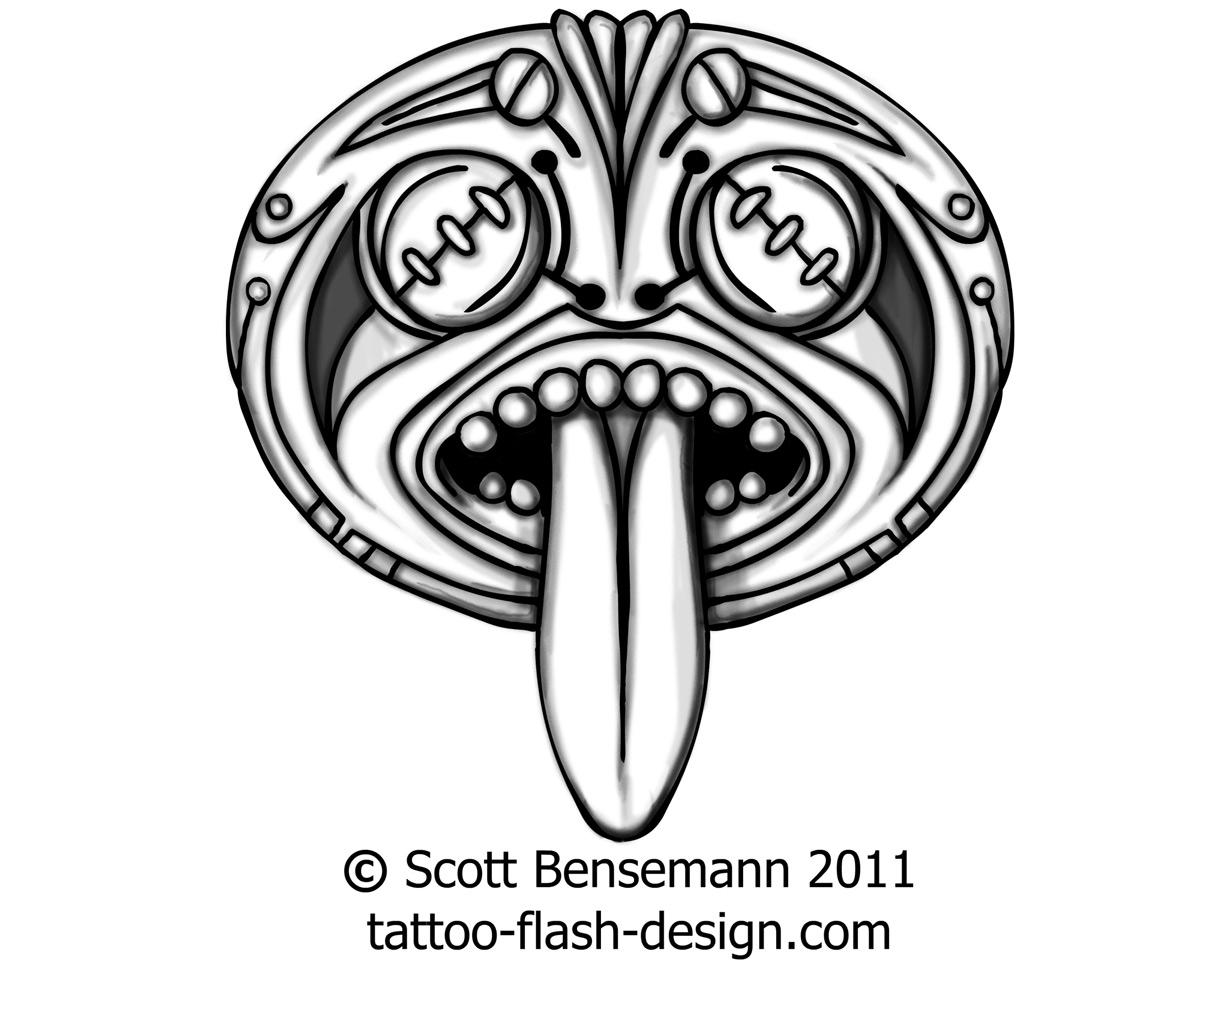 1205x1020 Hawaiian Warrior Tattoo Drawing Photo